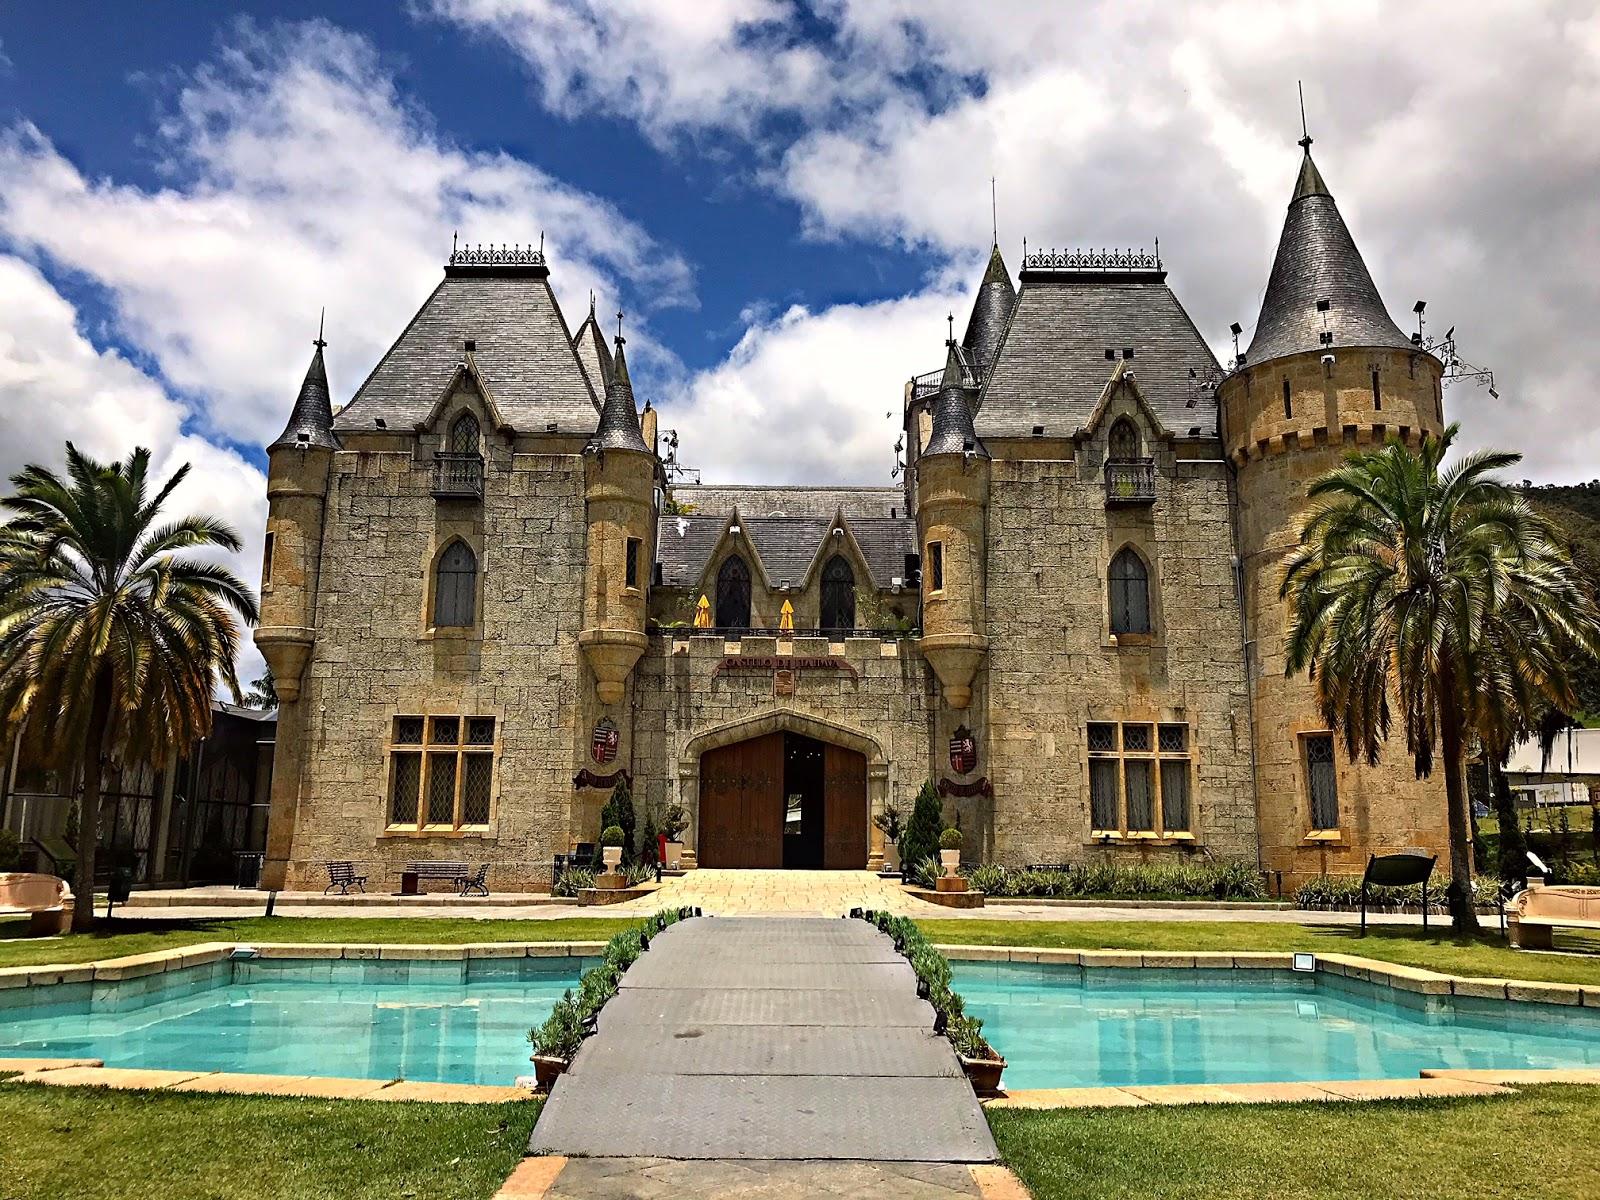 Castelo de Itaipava